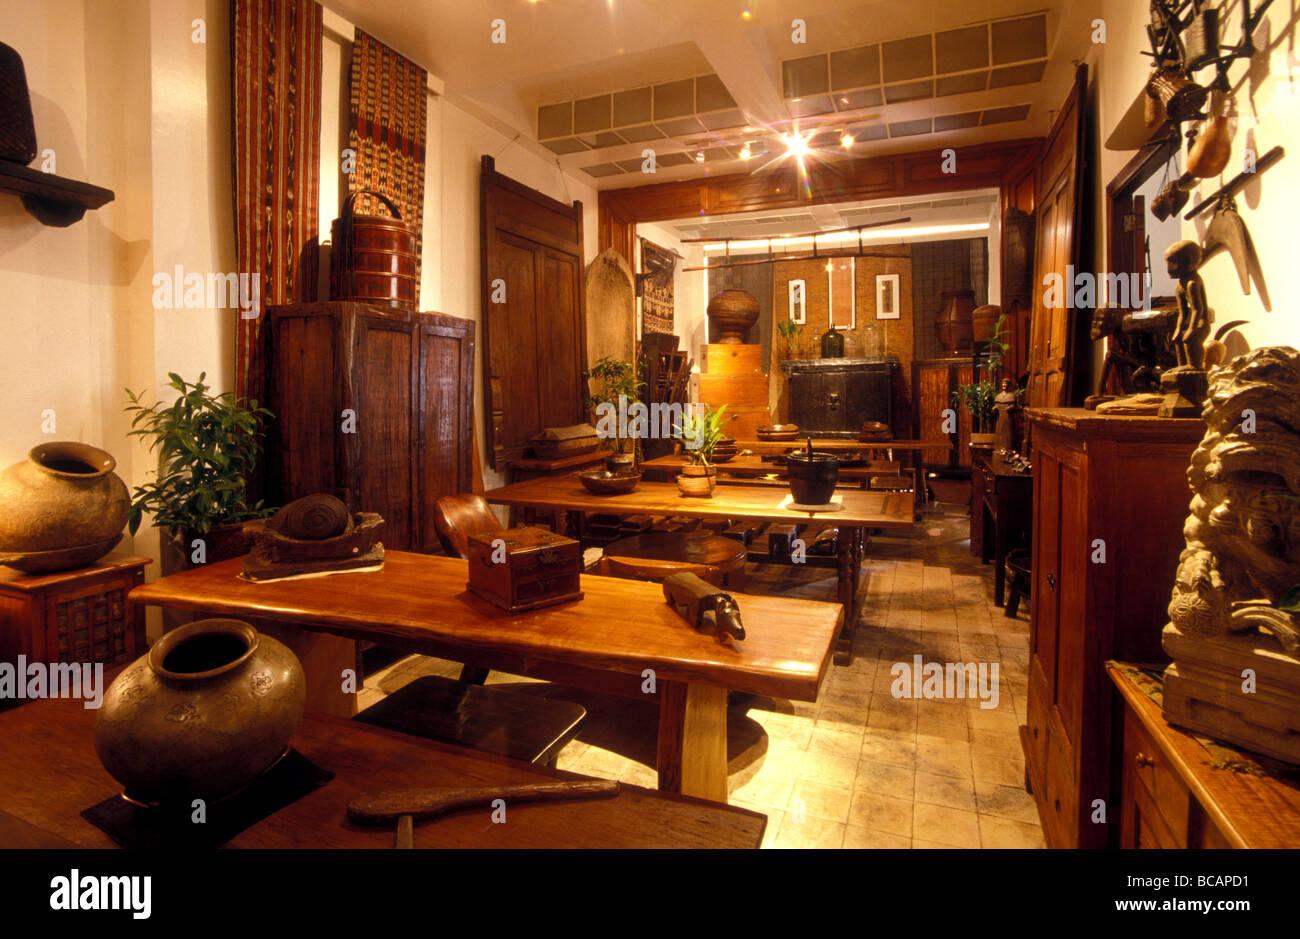 Furniture stores in manila philippines - Antique Shop Casa Tesora Manila Philippines Stock Image With Furniture Store Manila Philippines